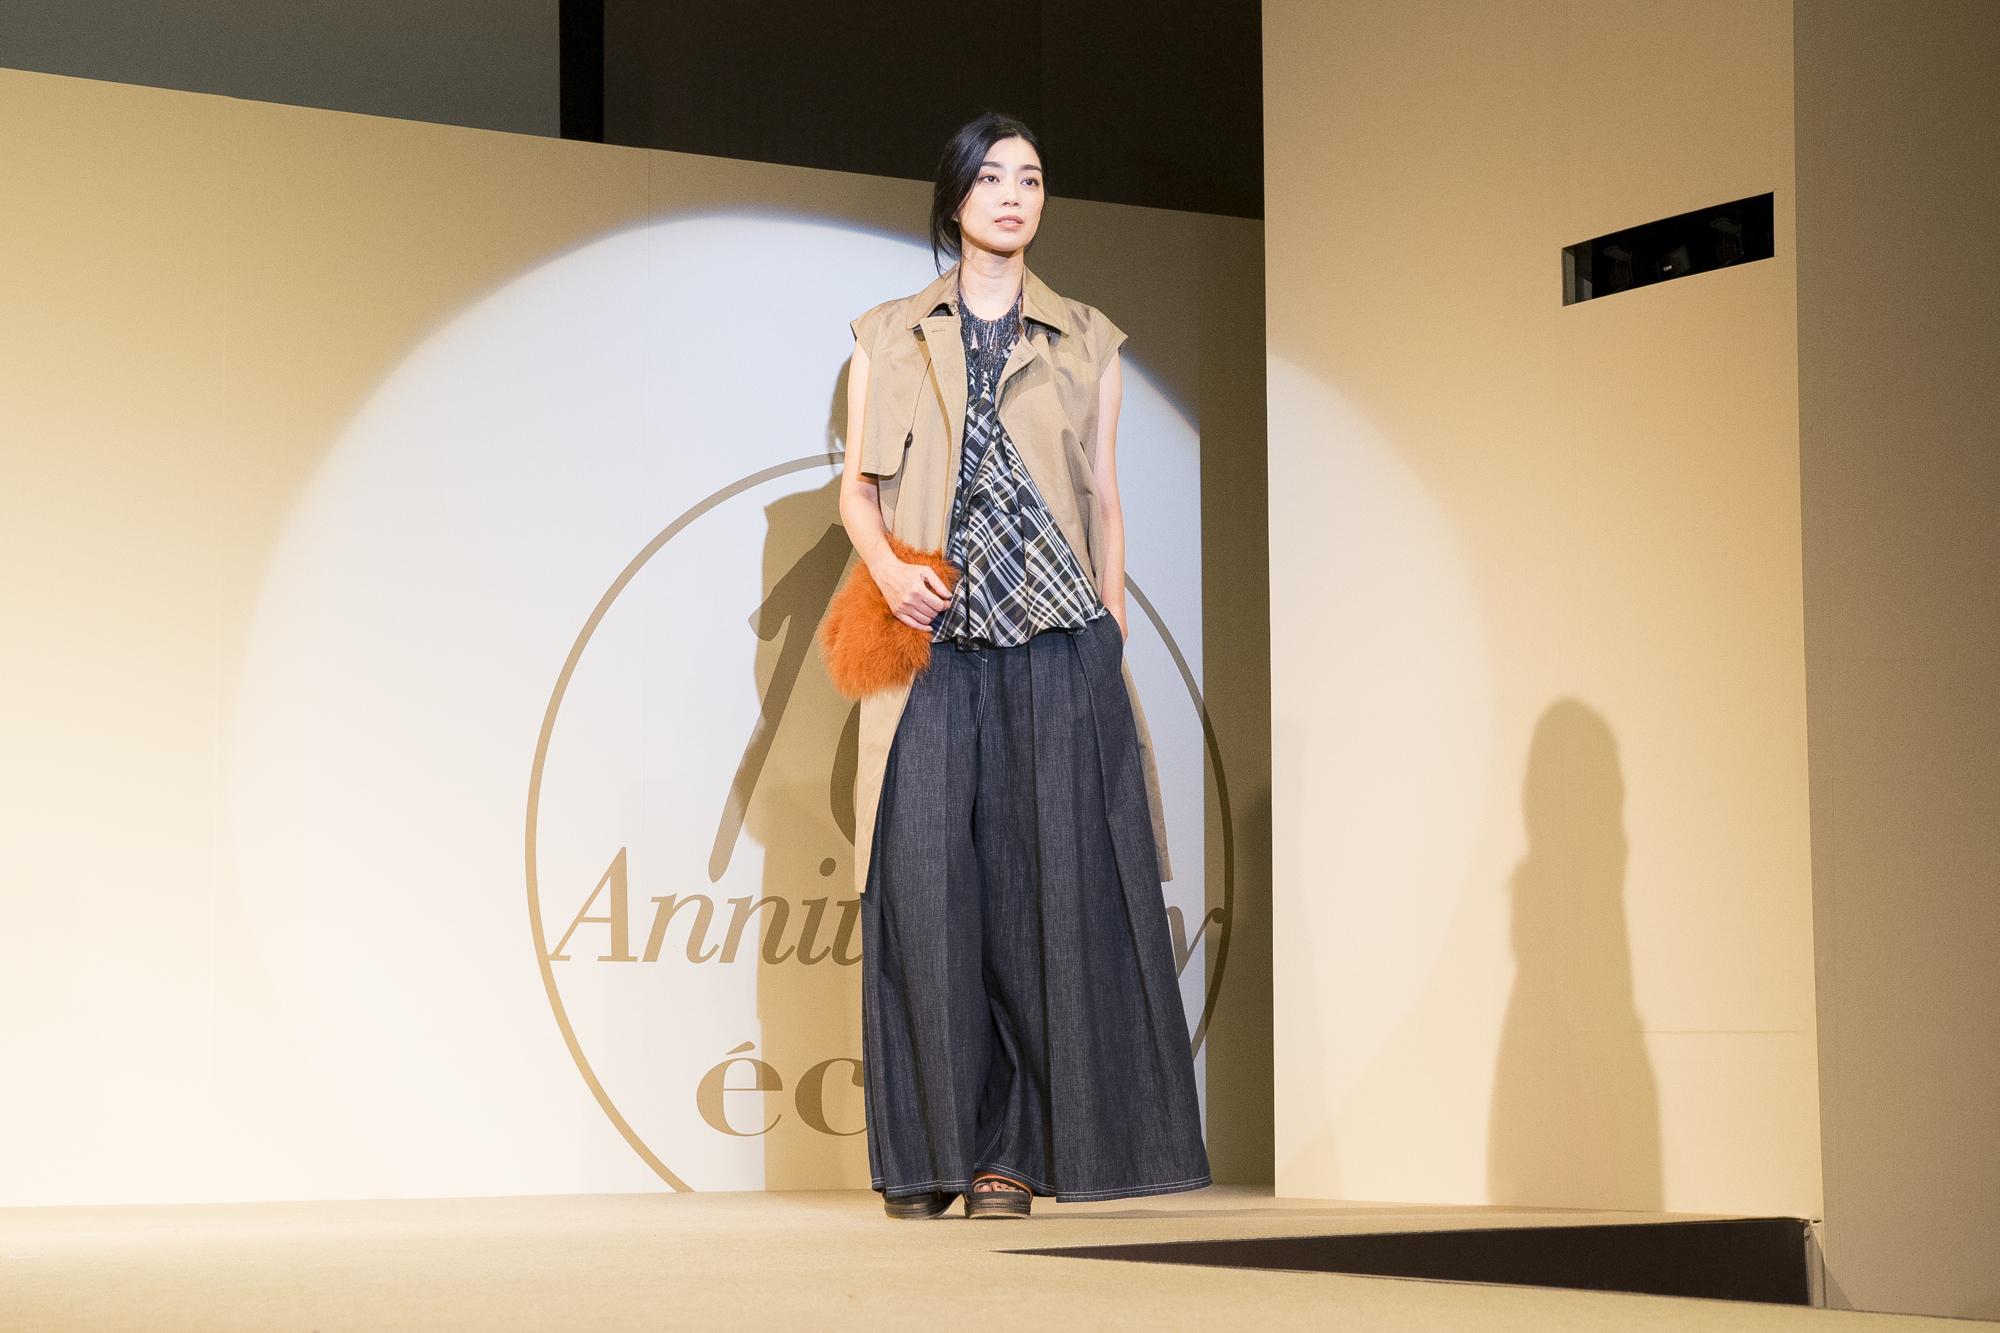 エクラモデルによる、あの人気ブランドのショーを目の前で! ファッションフロアショー_1_1-2